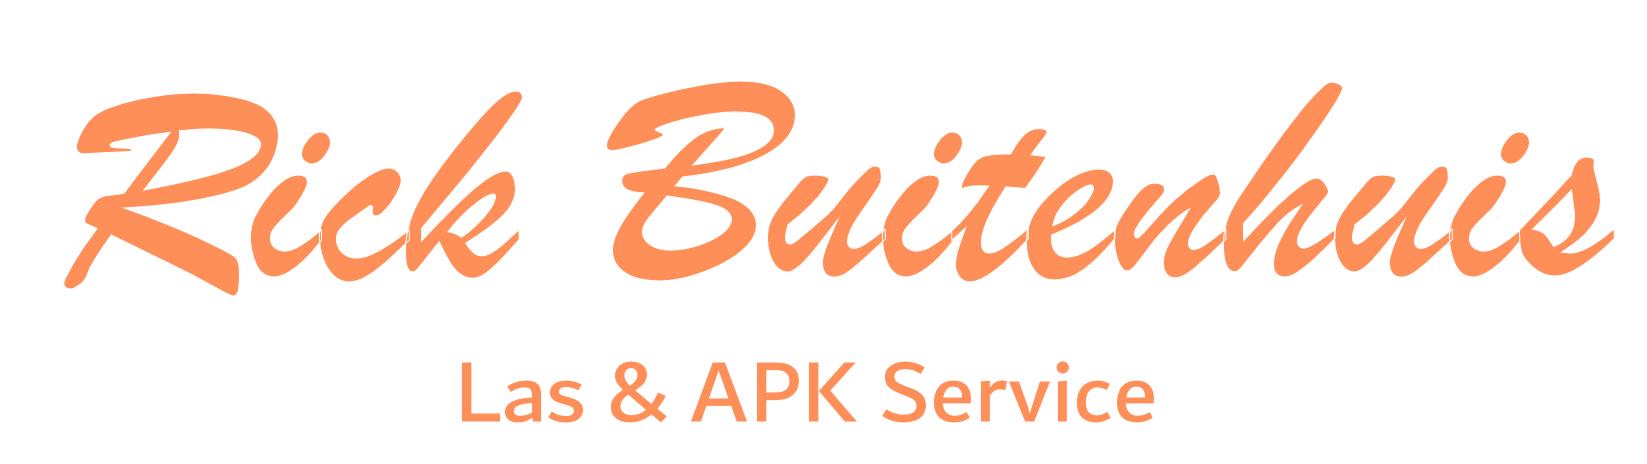 Rick Buitenhuis las en APK service